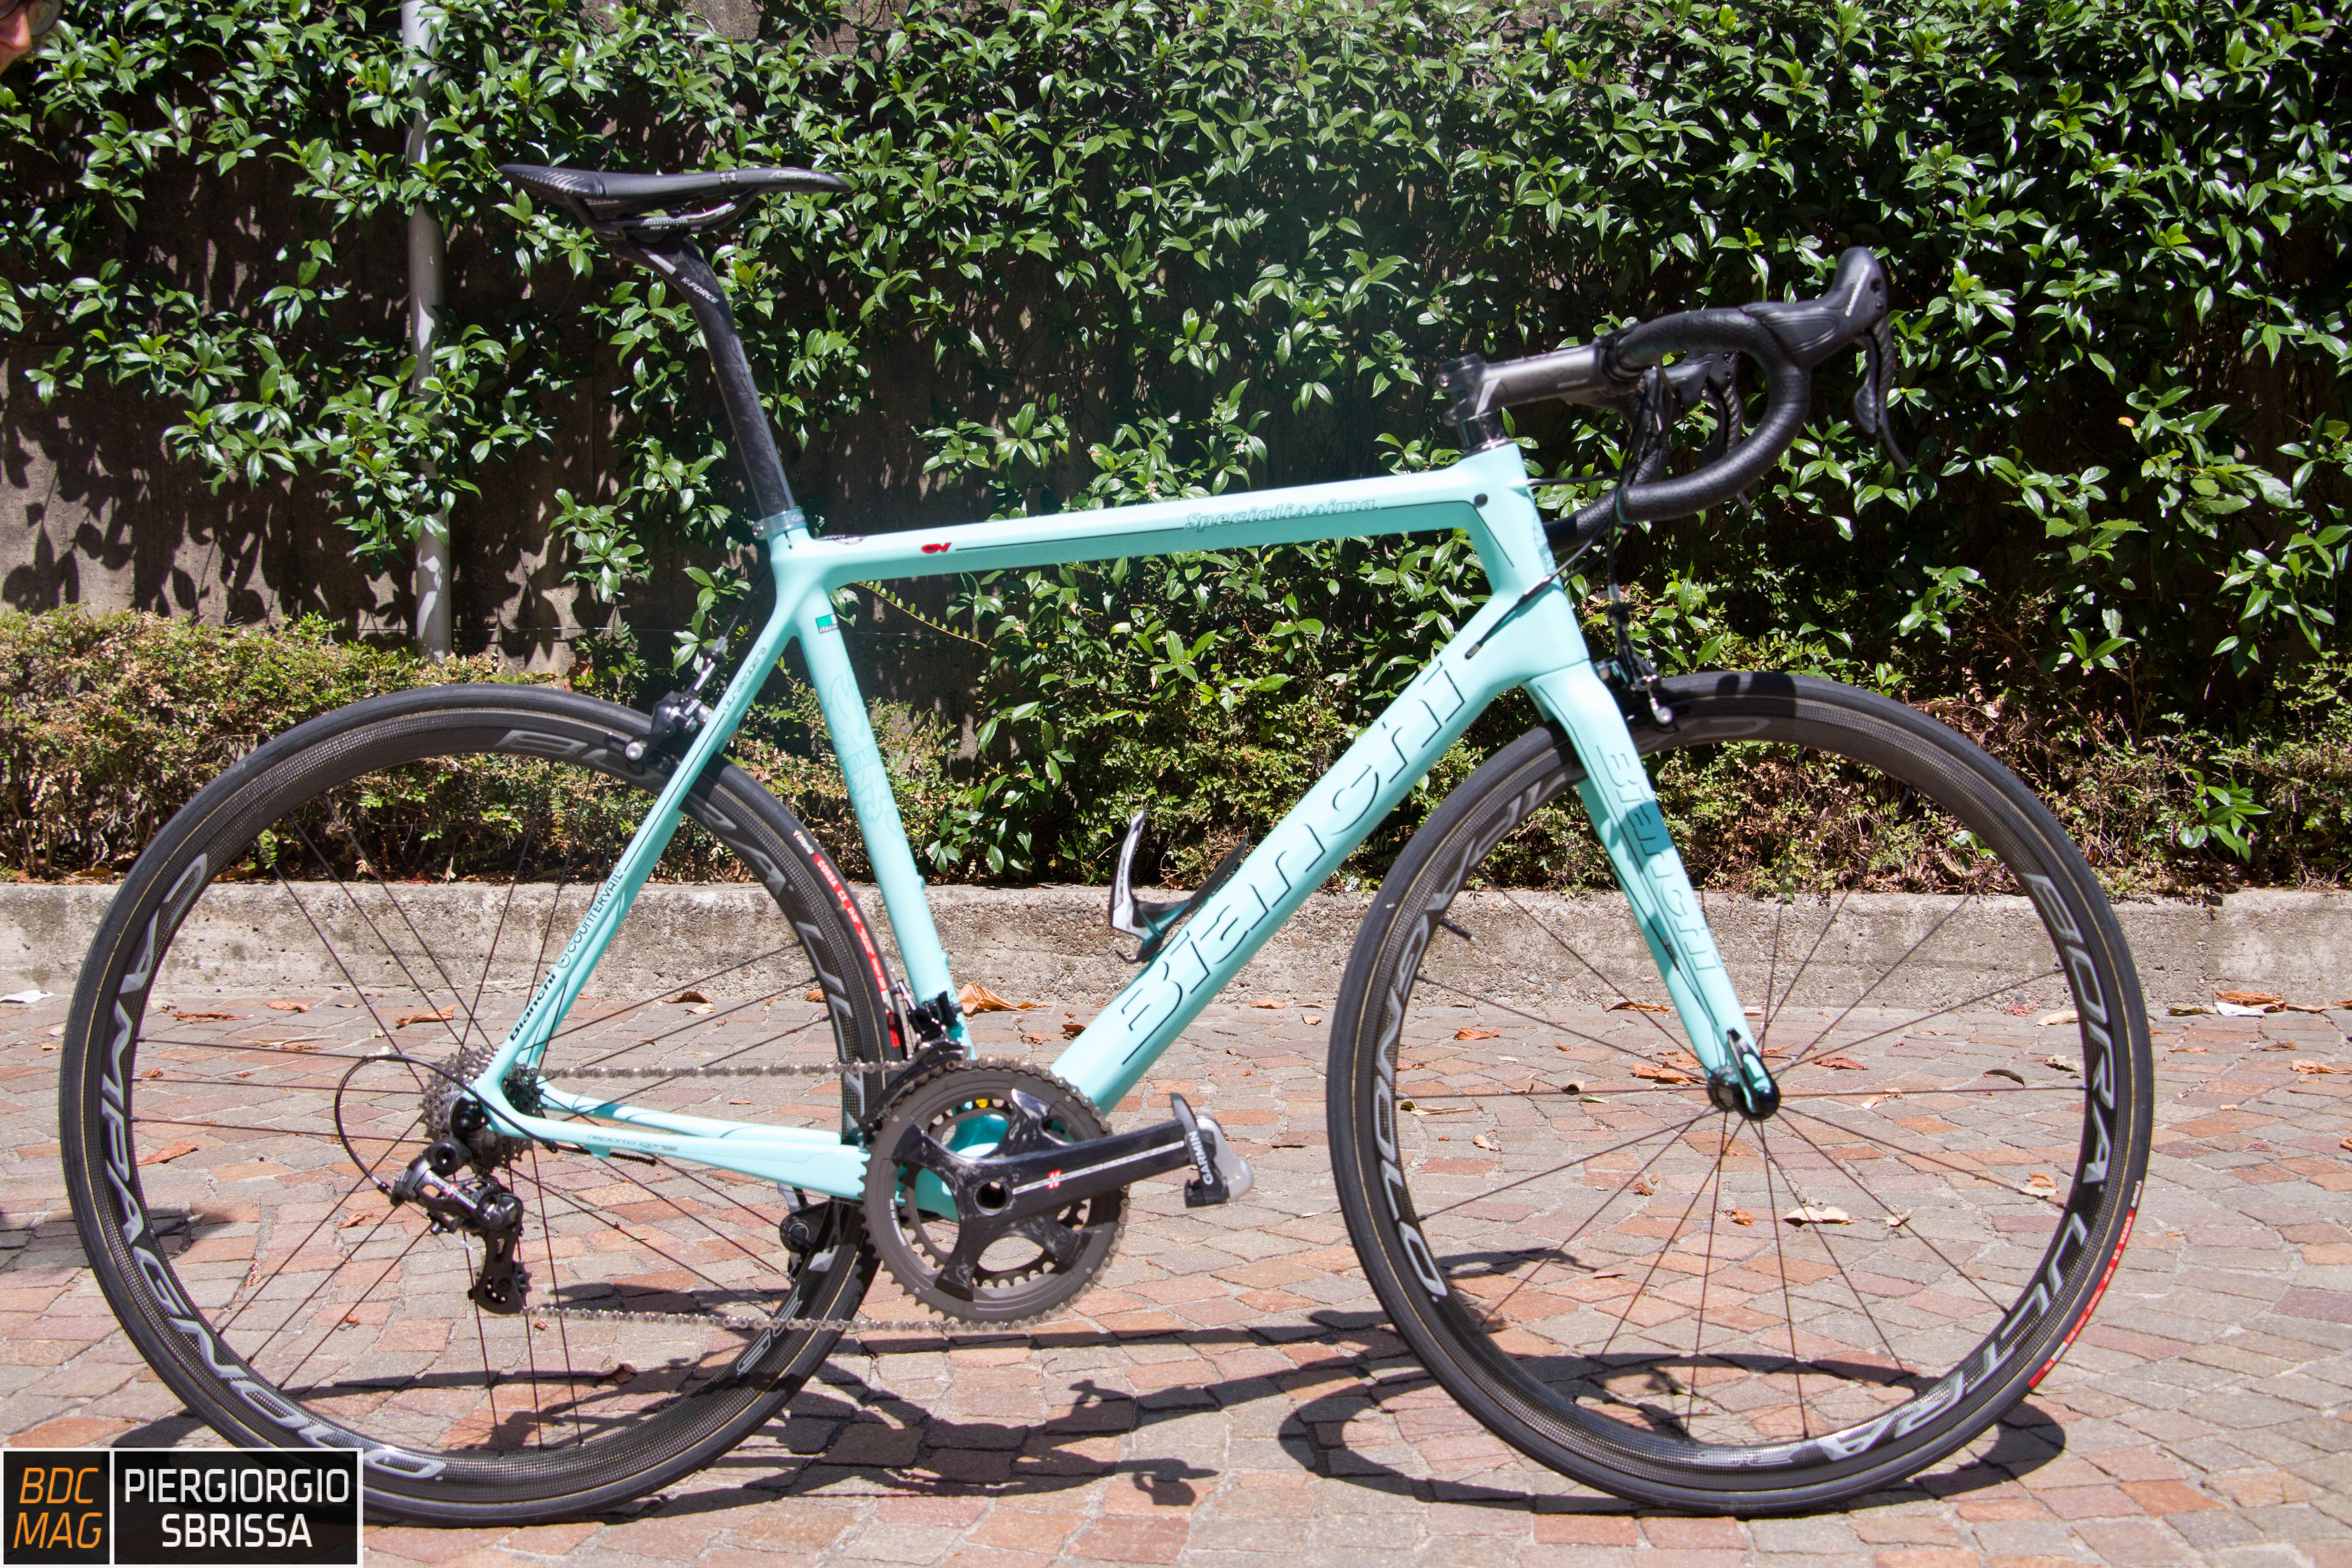 Test Bianchi Specialissima Cv Bdc Magcom Bici Da Corsa